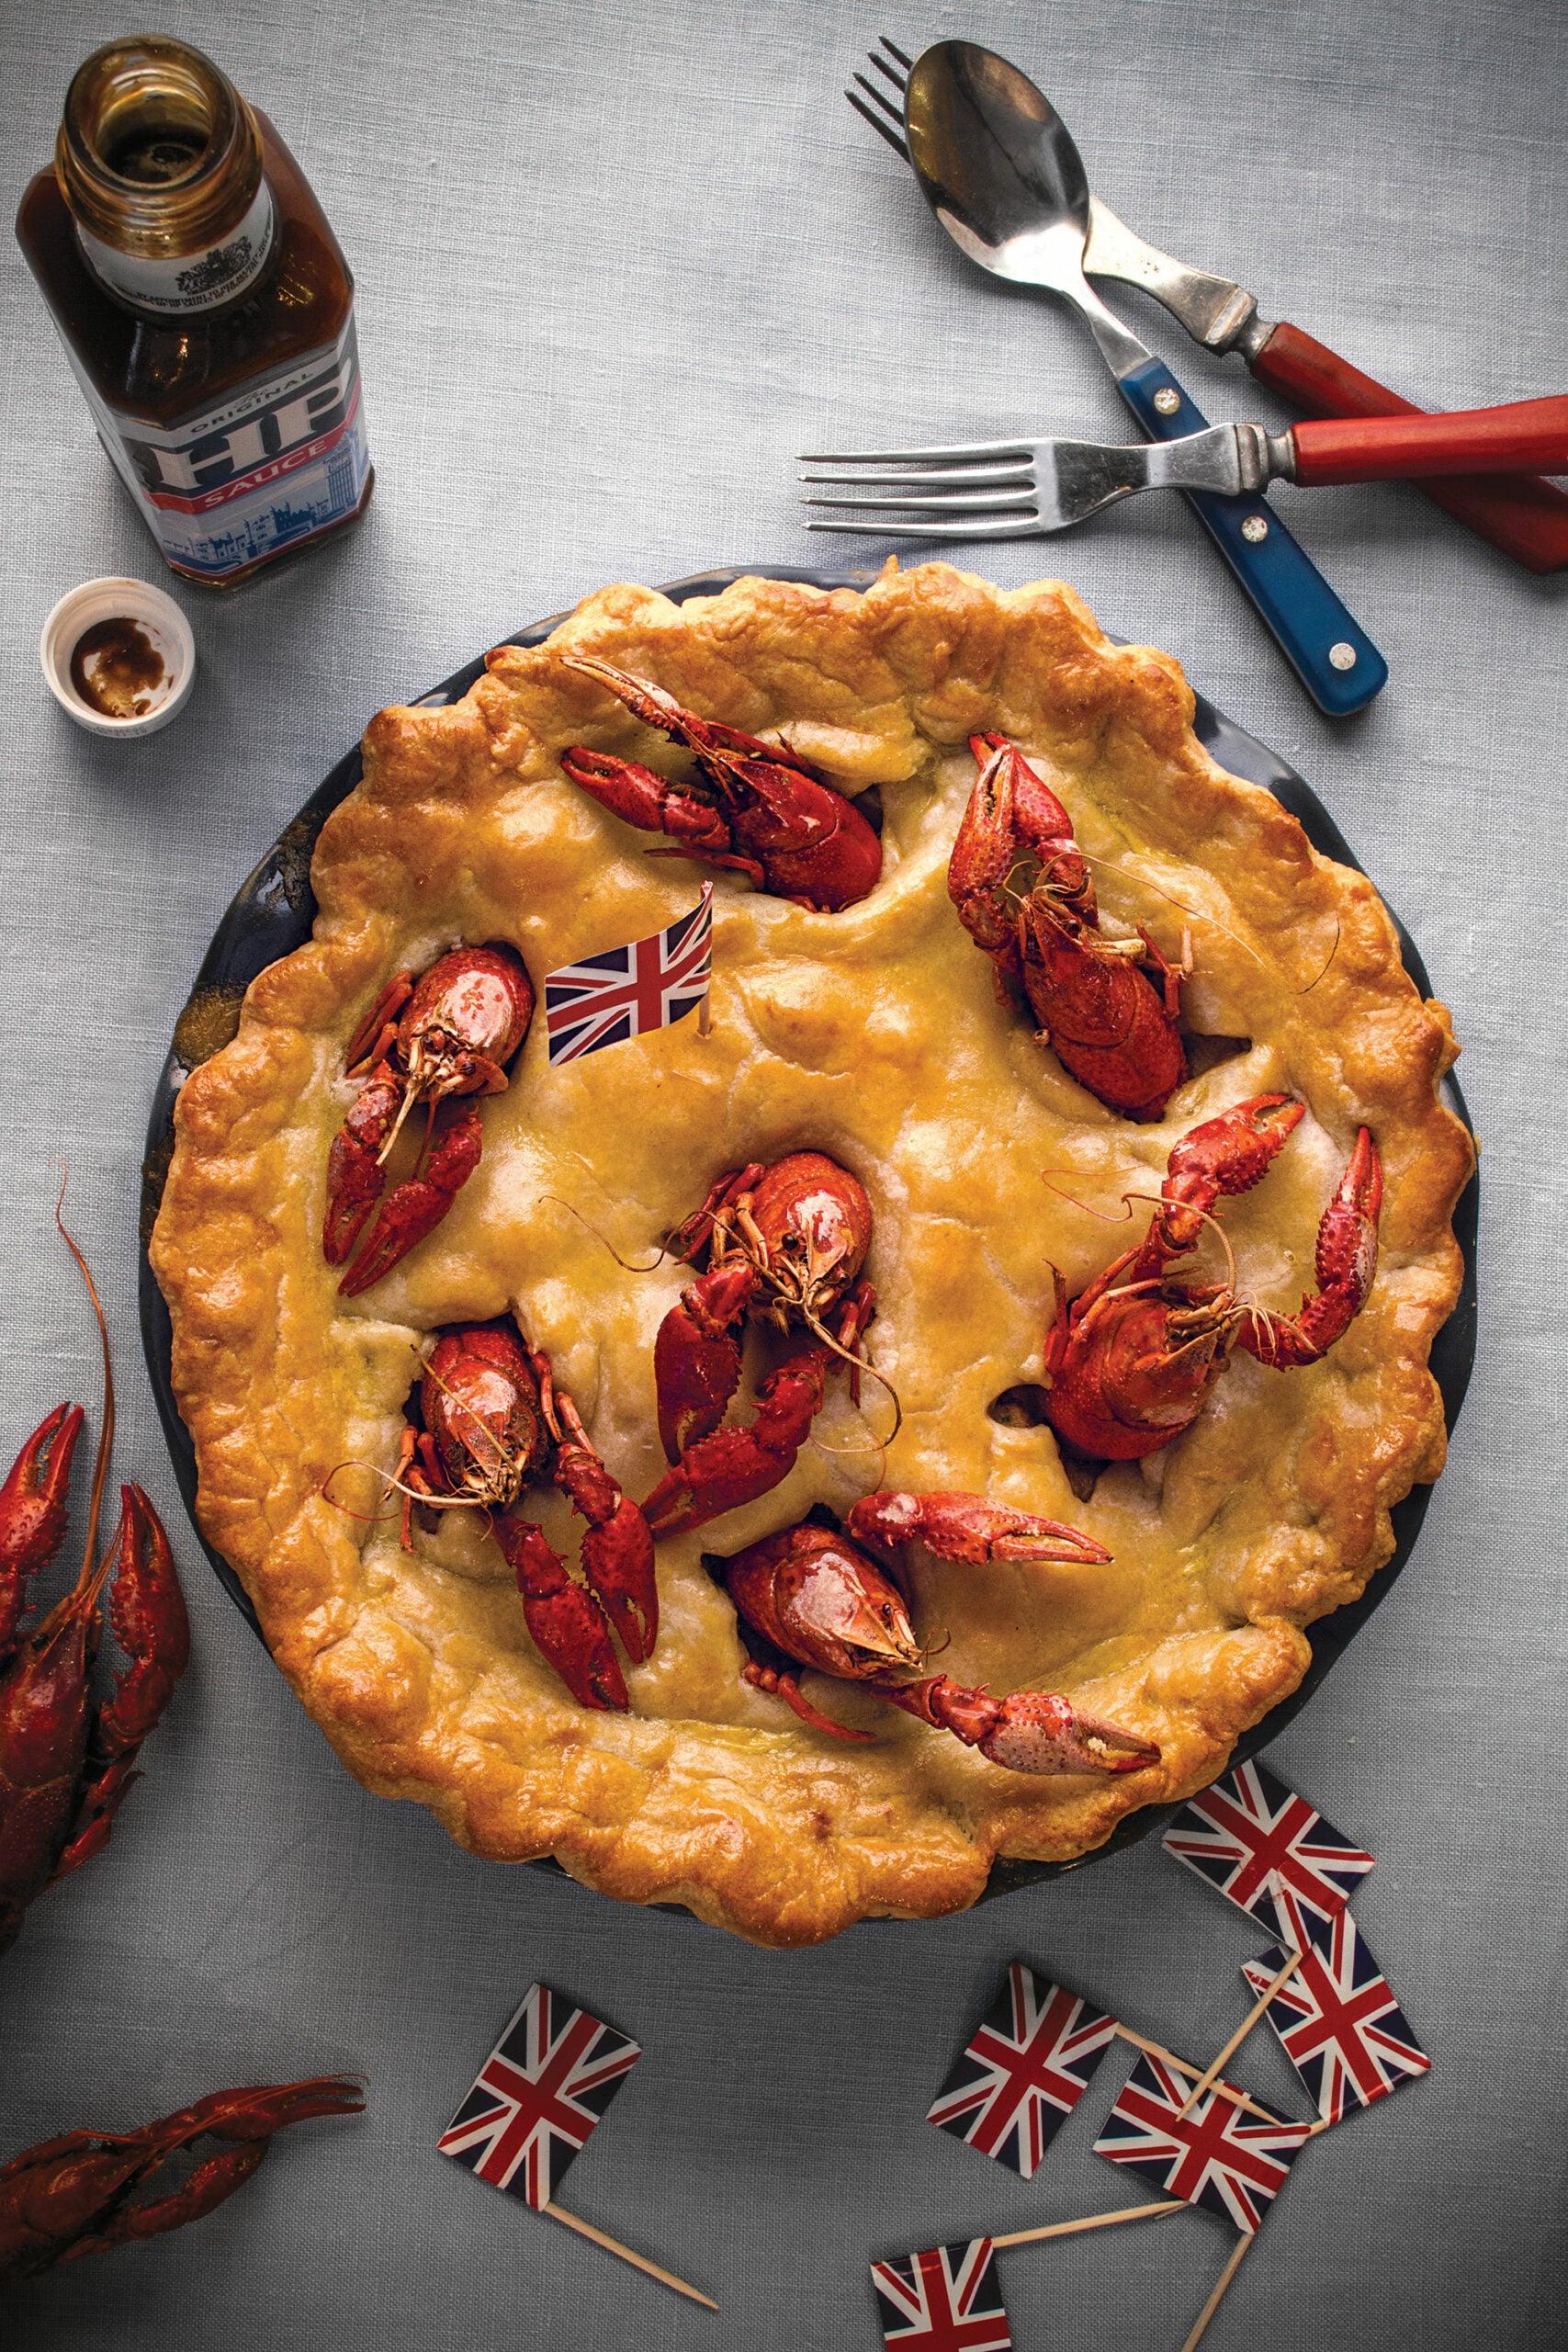 Rabbit and Crawfish Stargazy Pie, British Pies